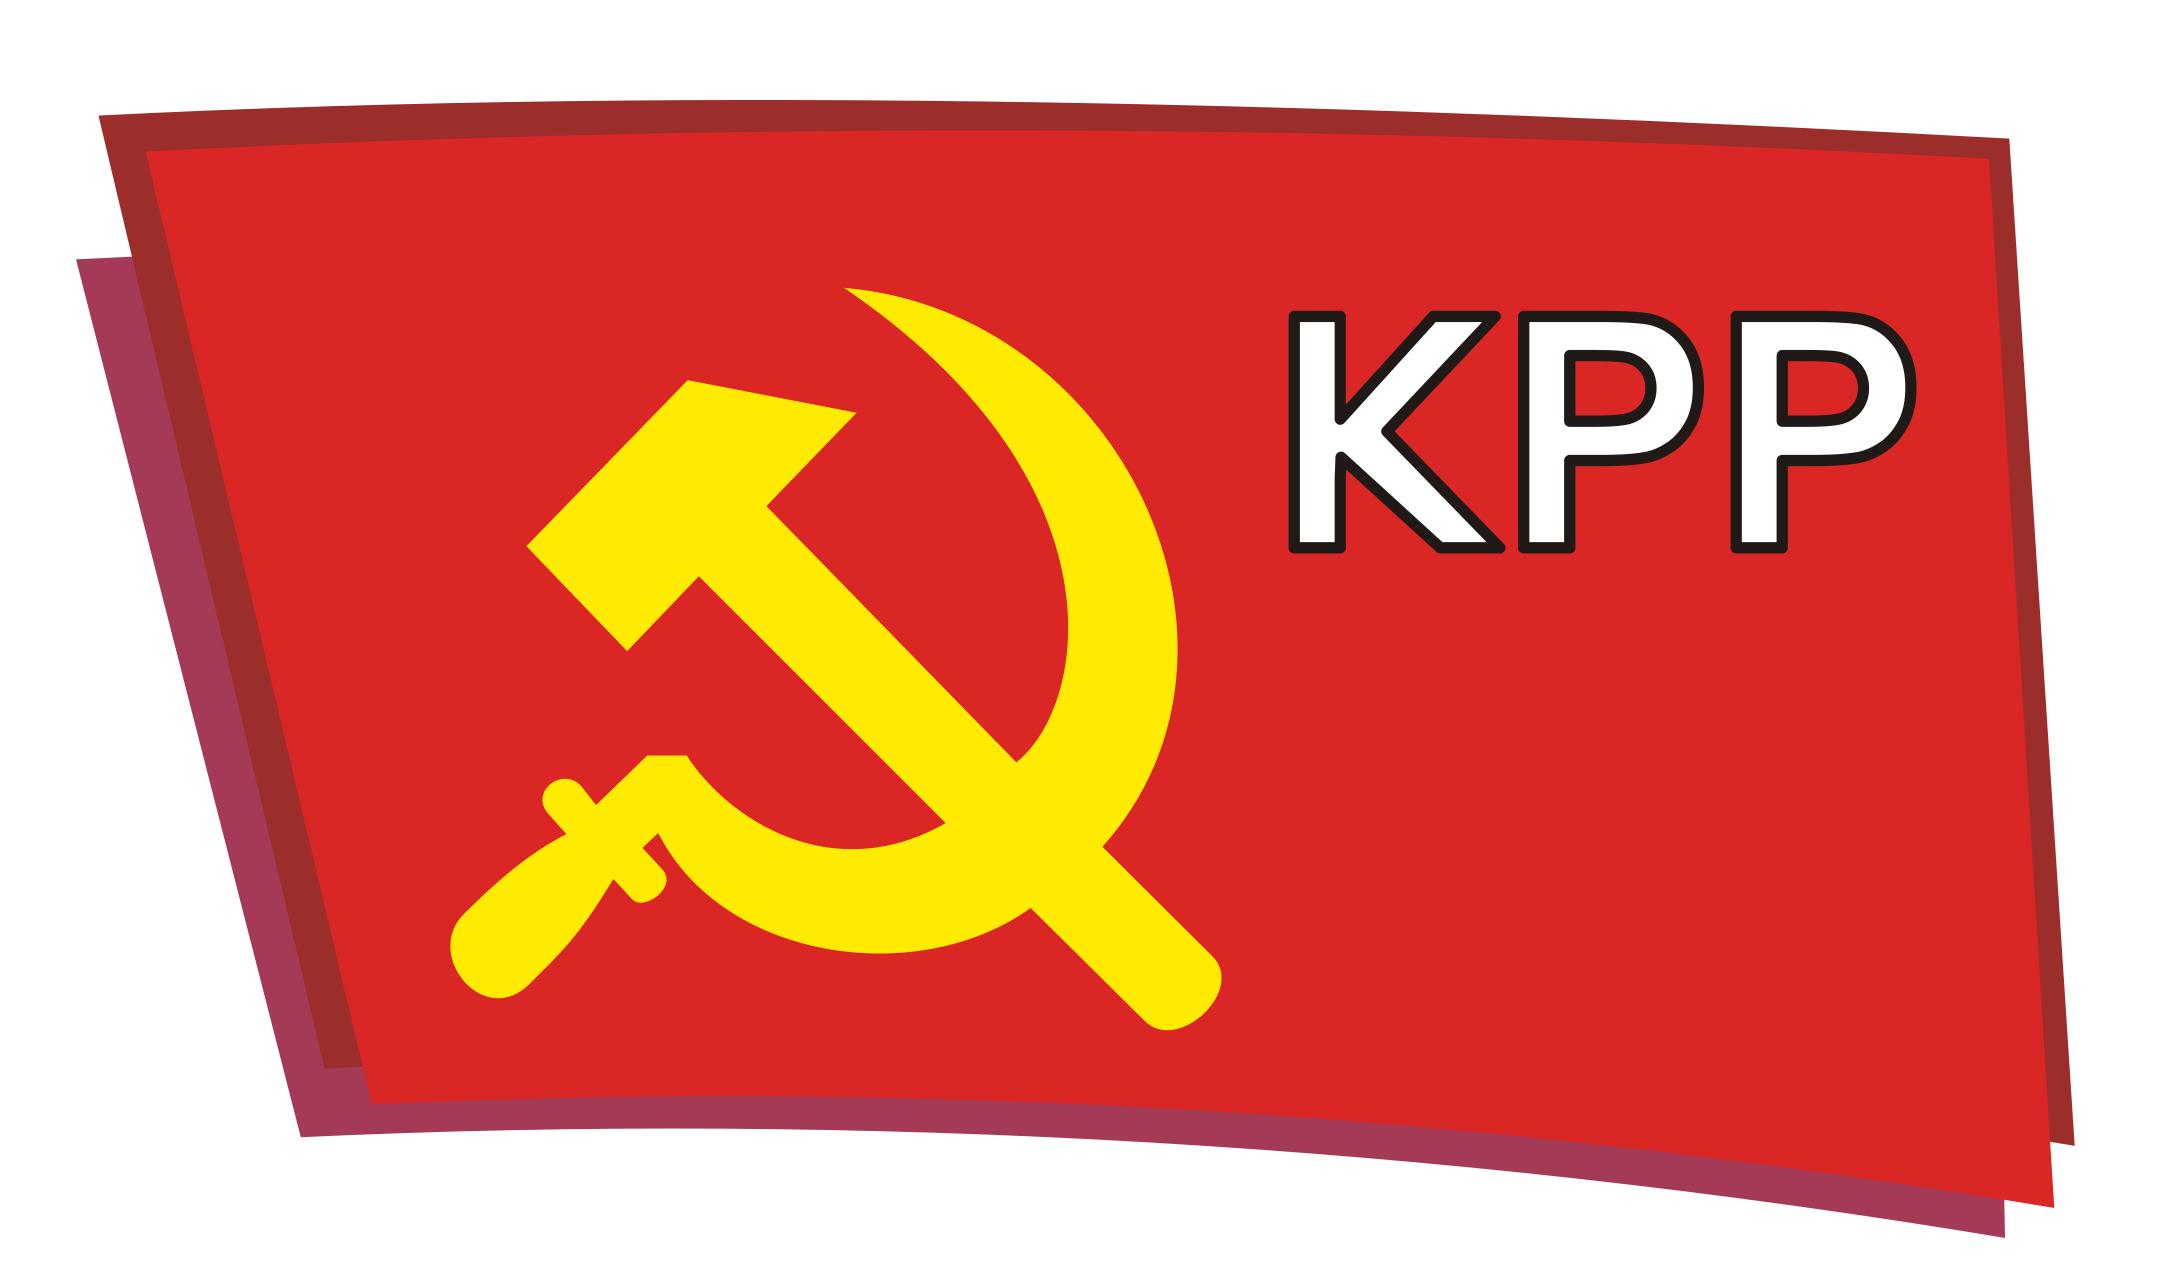 Appel à l'action contre la persécution des communistes en Pologne